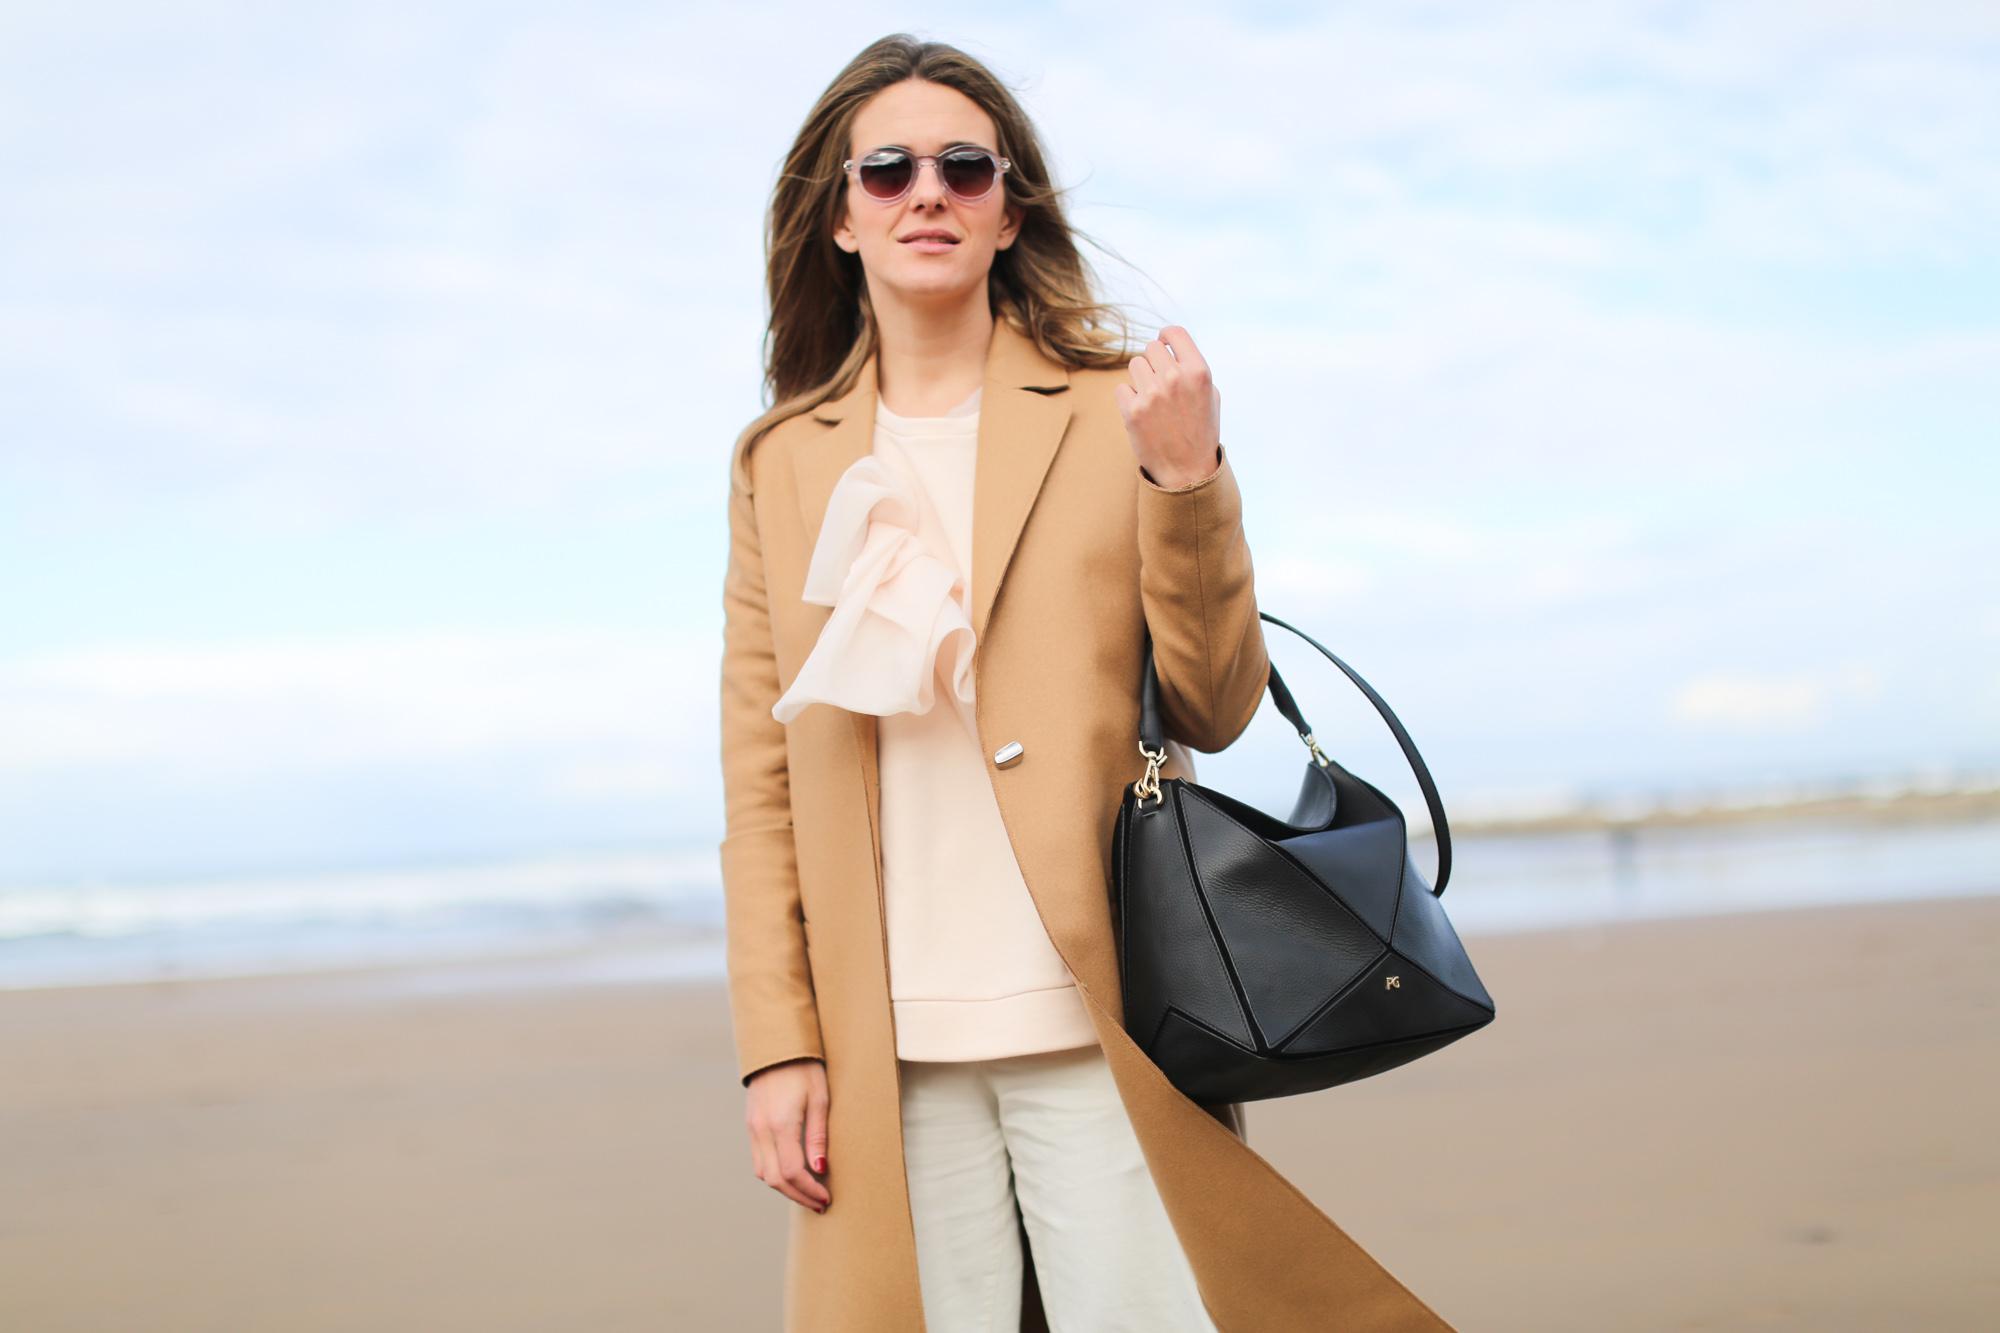 Clochet_streetstyle_fashionblogger_andotherstories_onebuttonwoolcamelcoat_adidasStanSmith_PurificacionGarciabolsoTangram-7